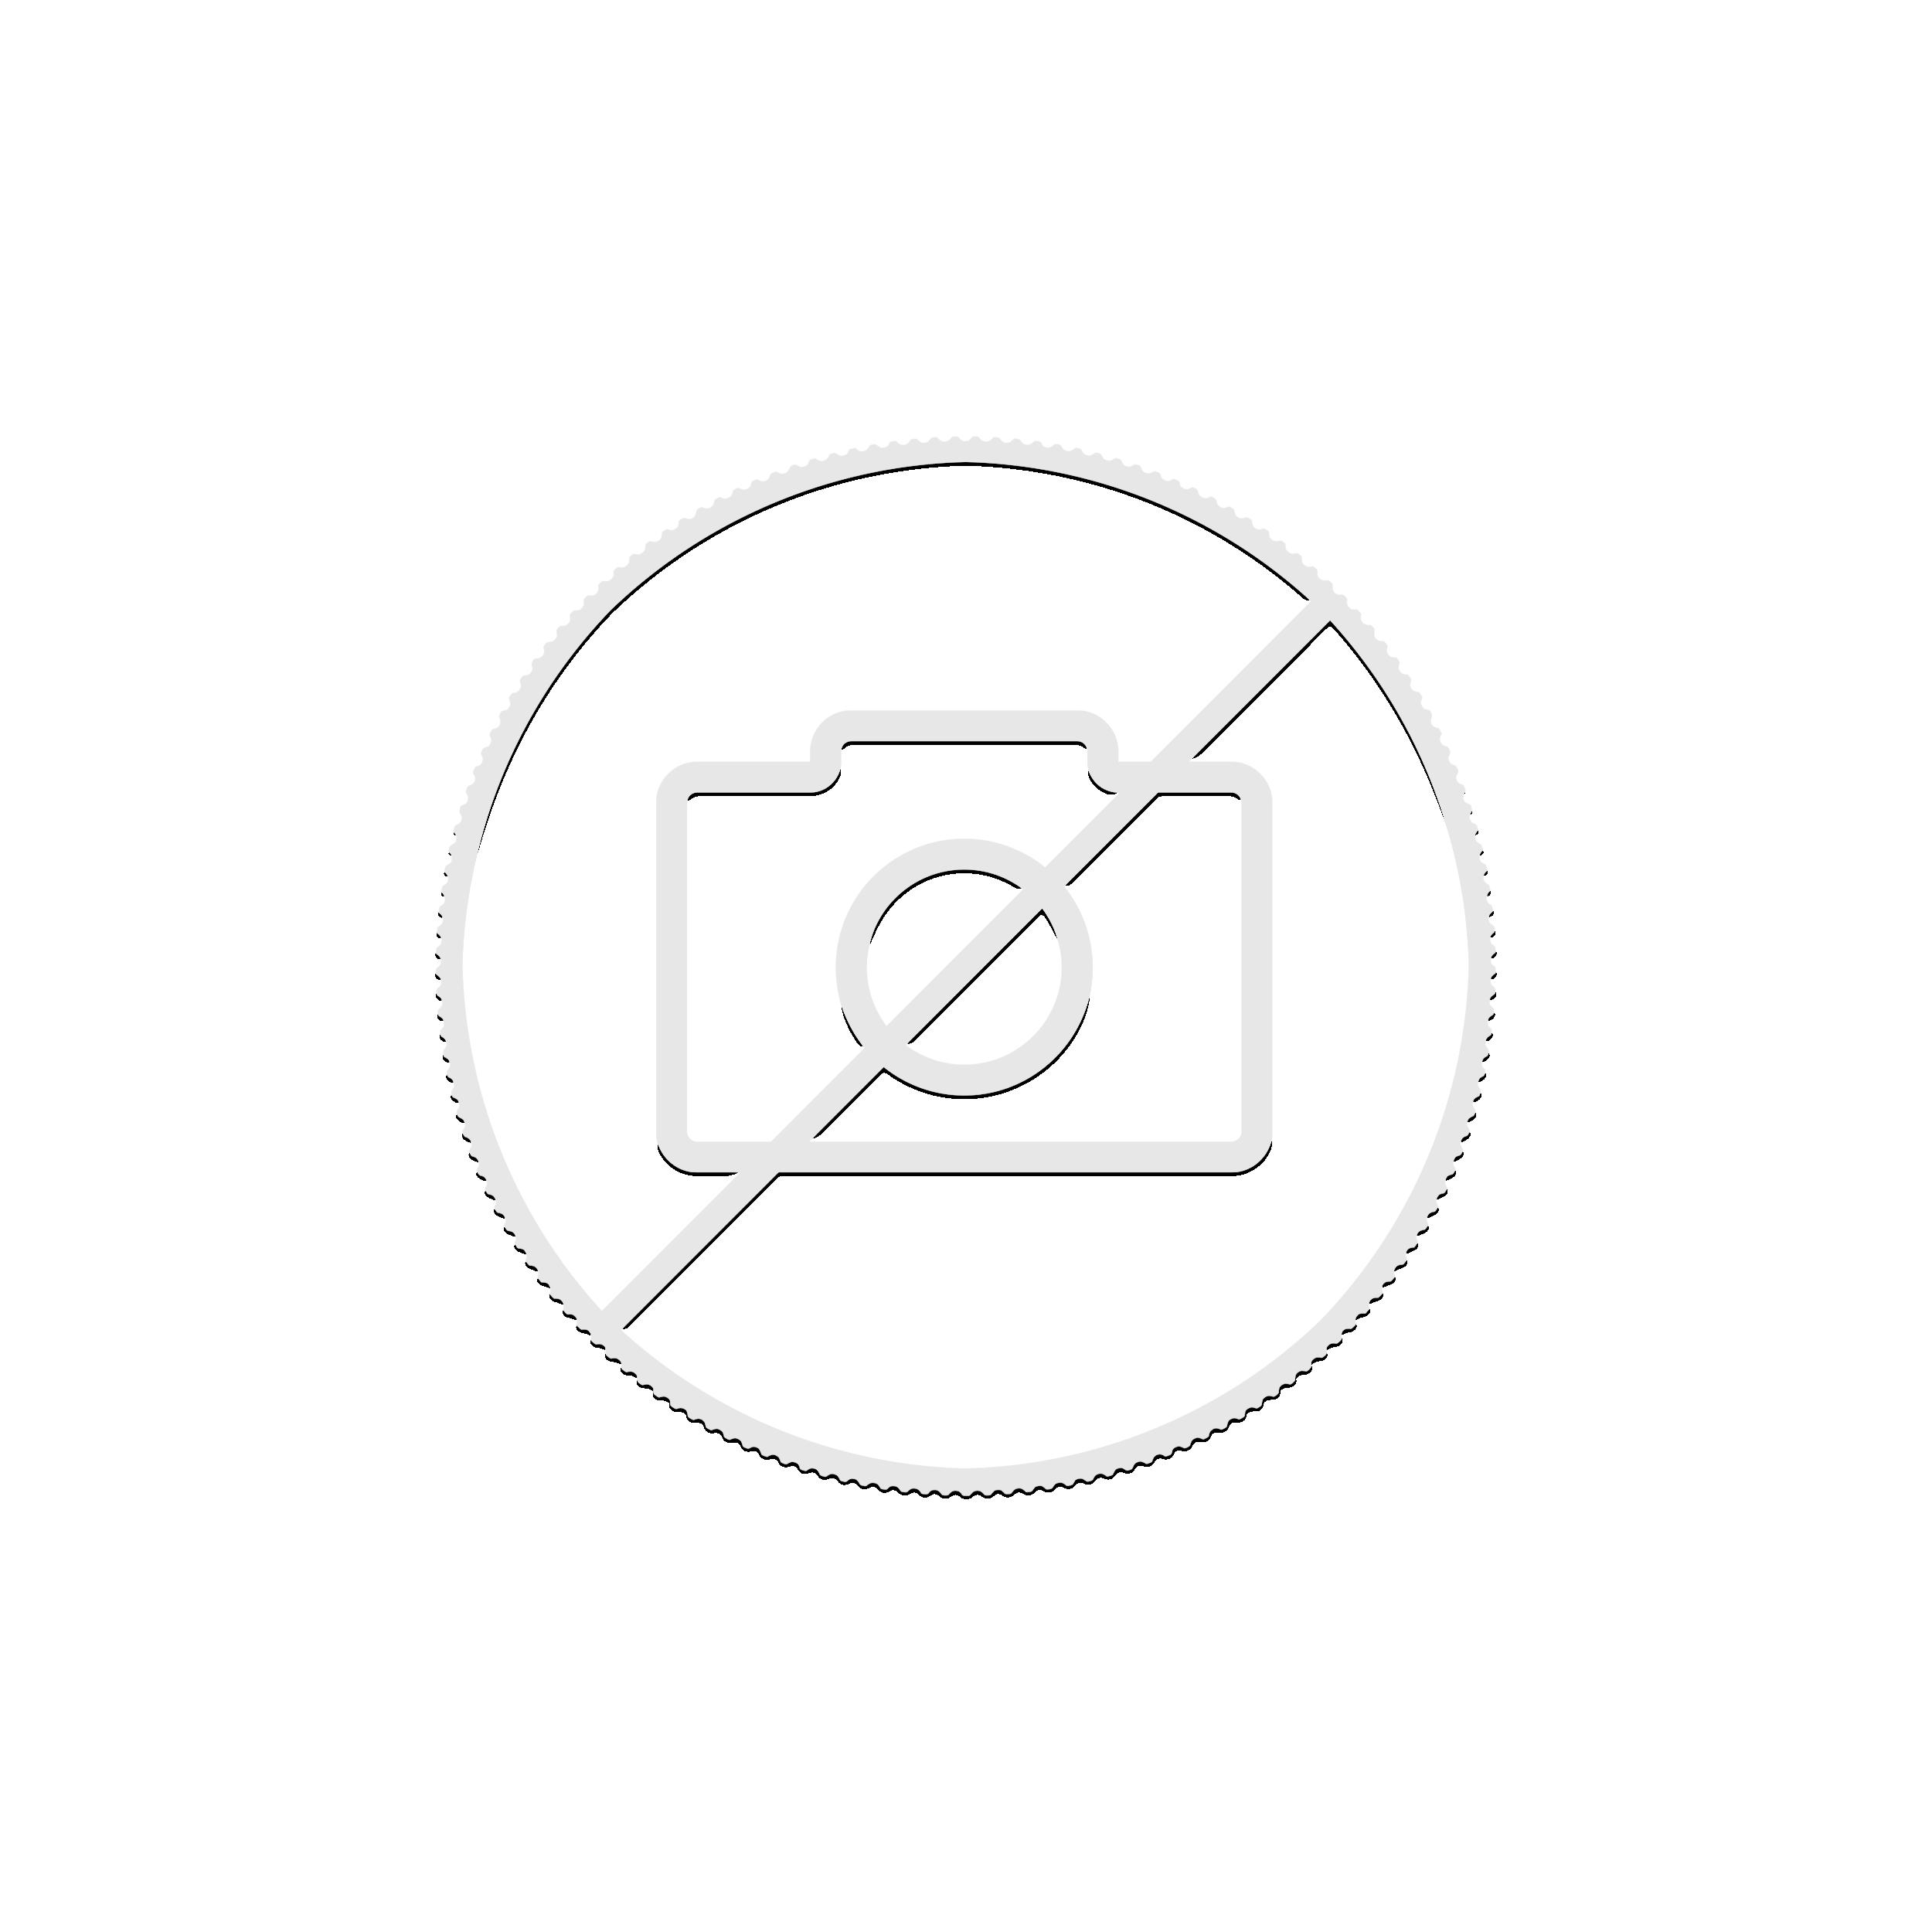 10 Troy ounce zilveren munt Kookaburra 2020 - zijkant